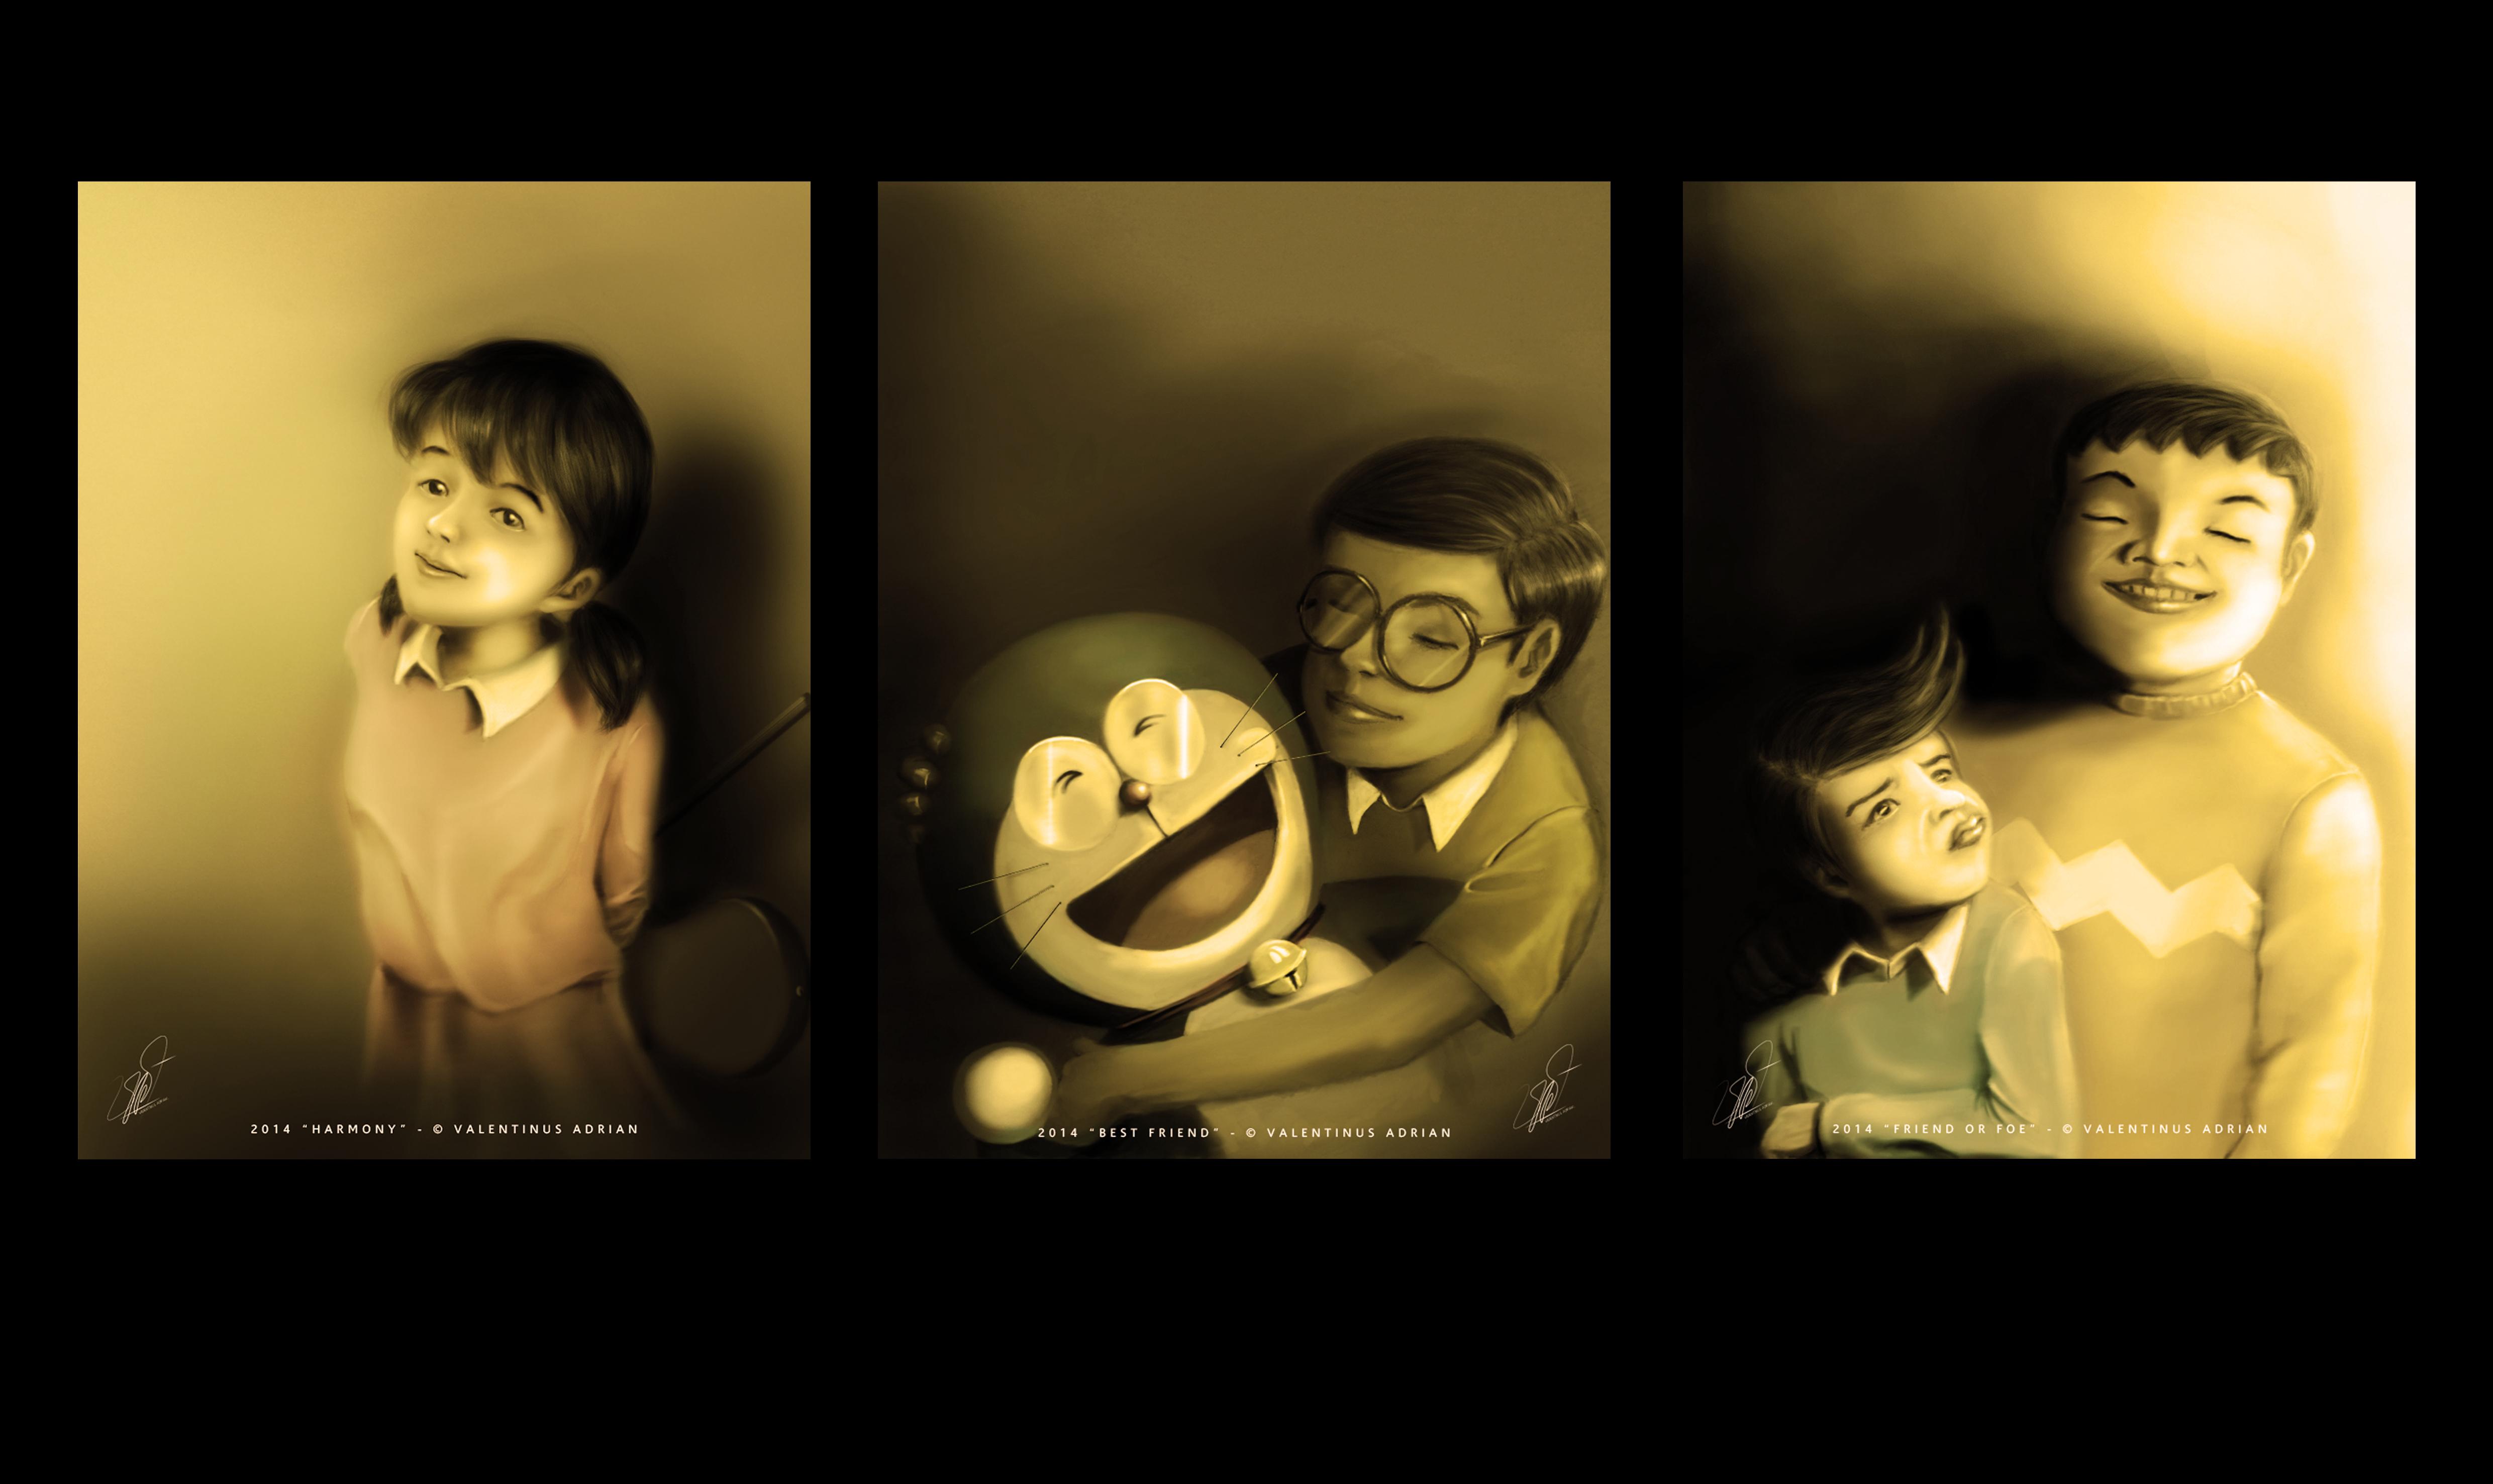 Doraemon Doraemon Character Wallpaper